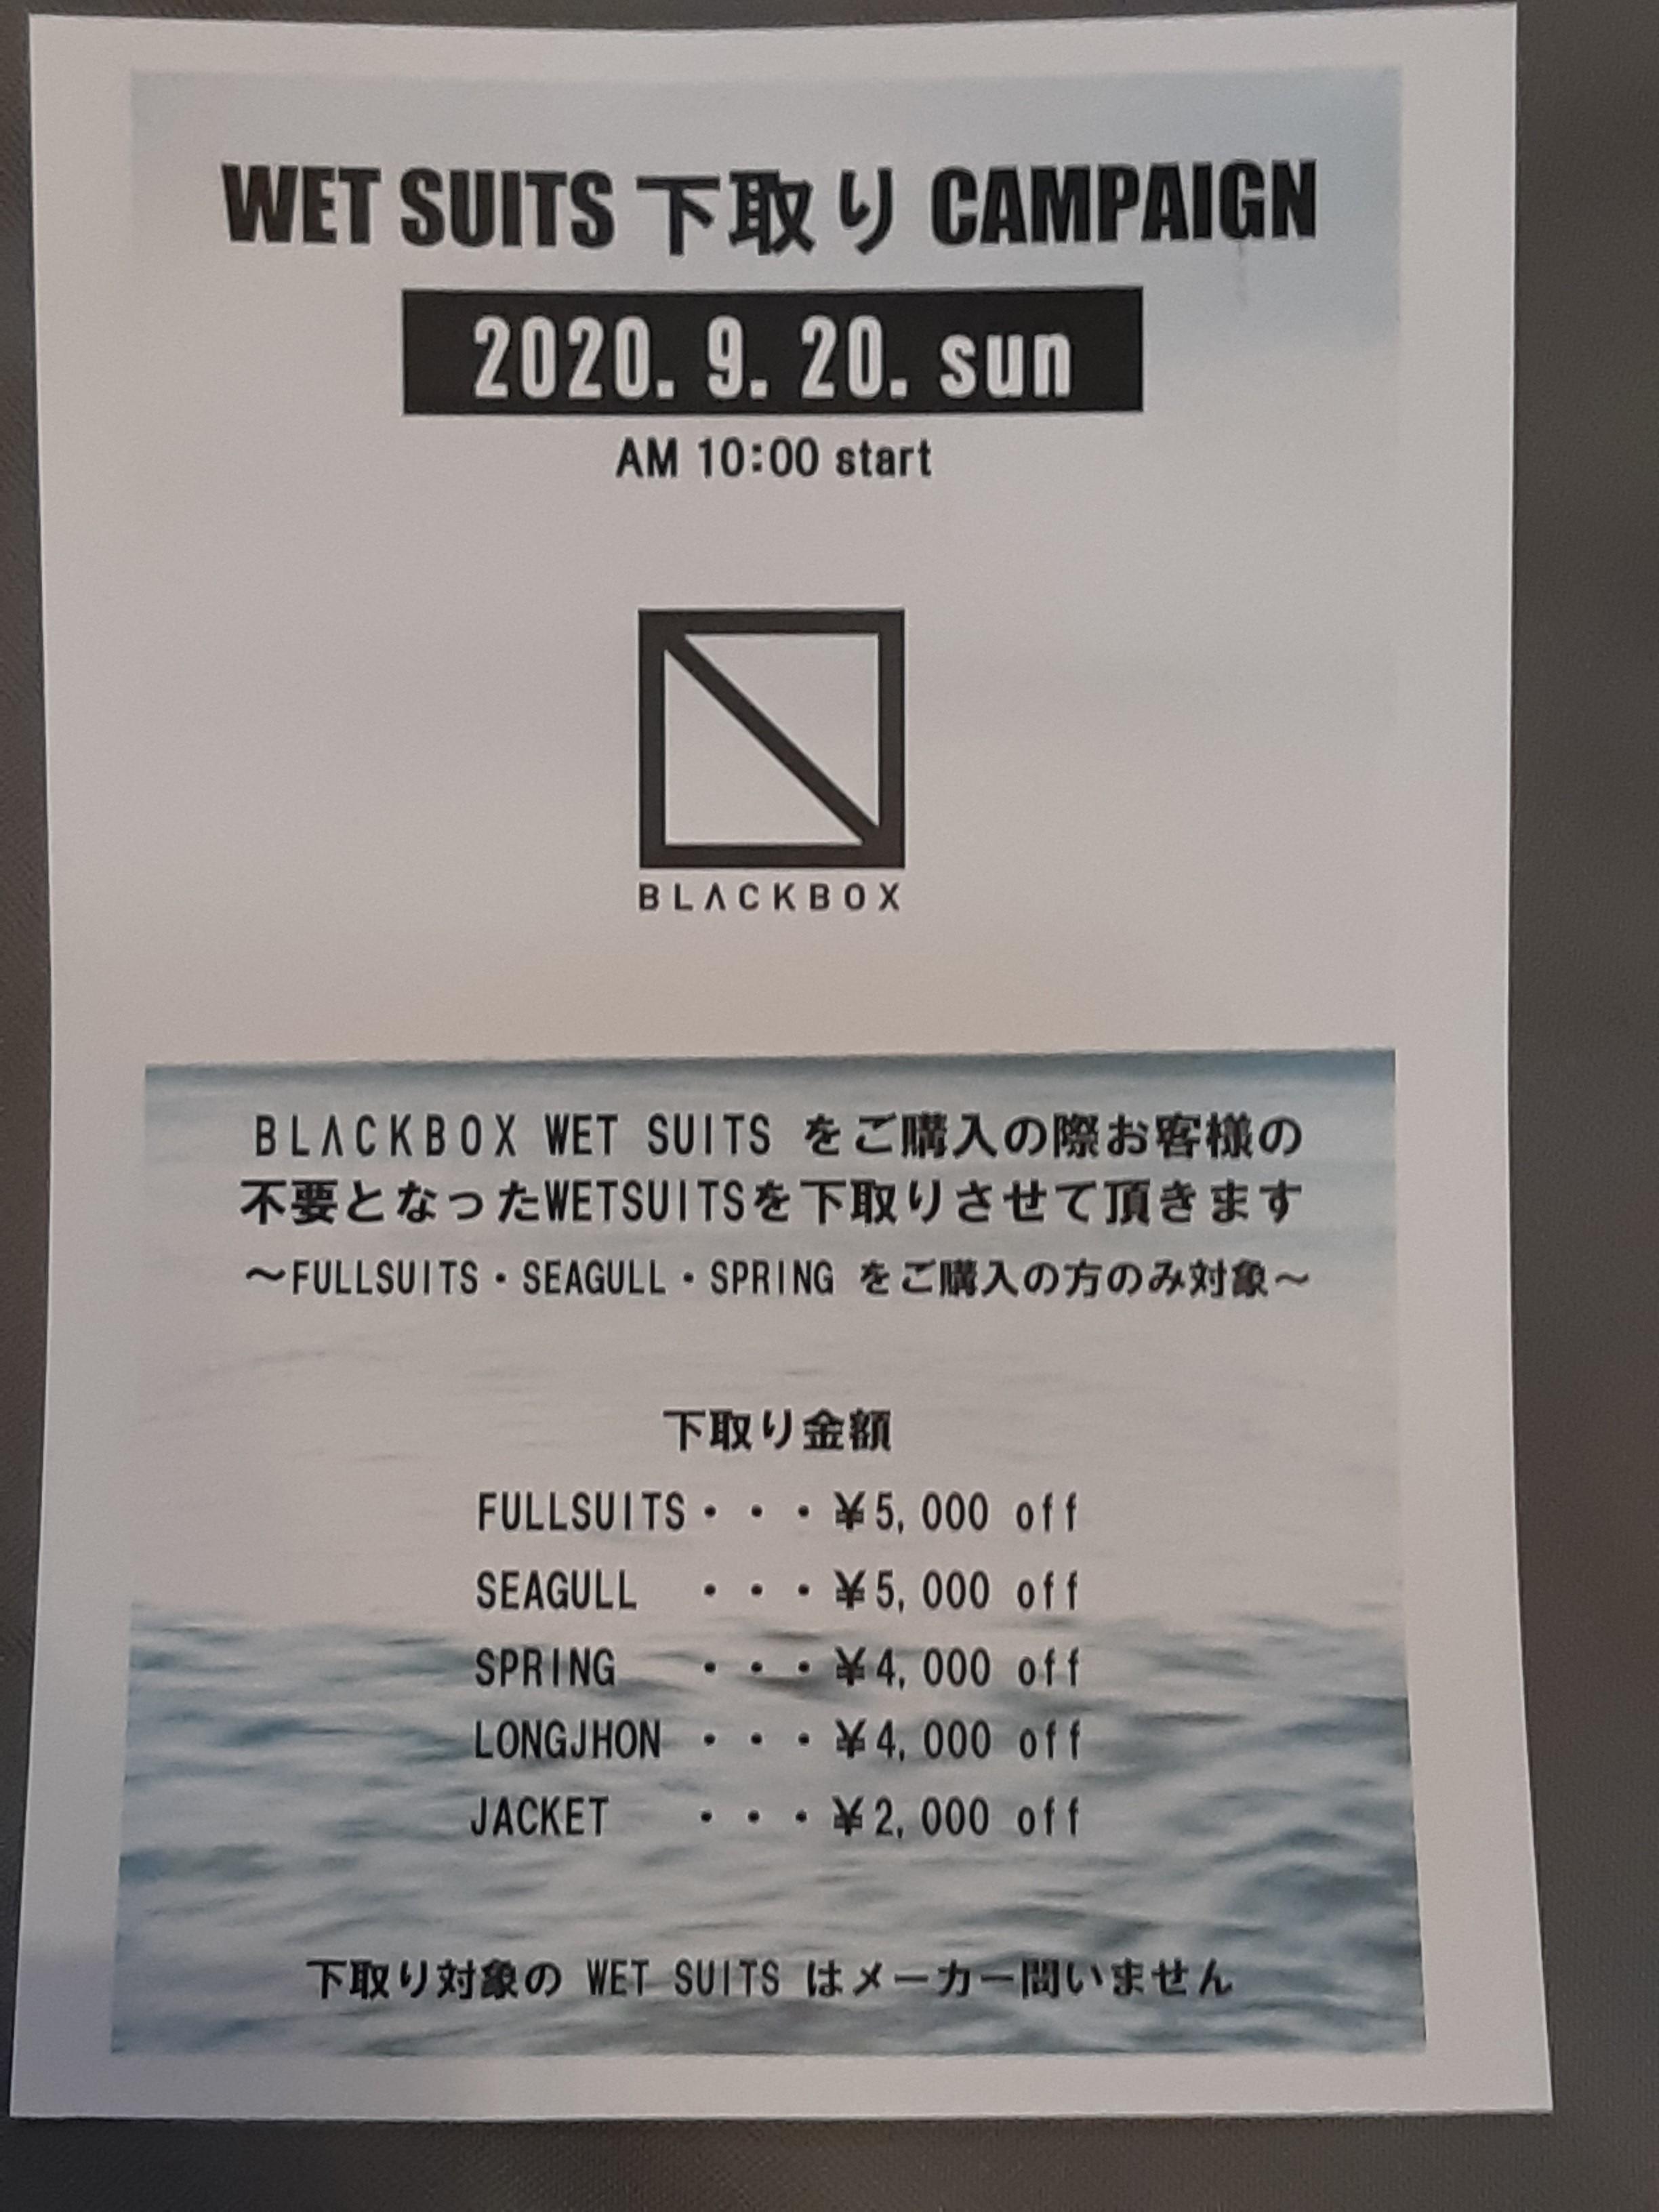 http://www.gaeasurf.jp/images/20200913_141648.jpg